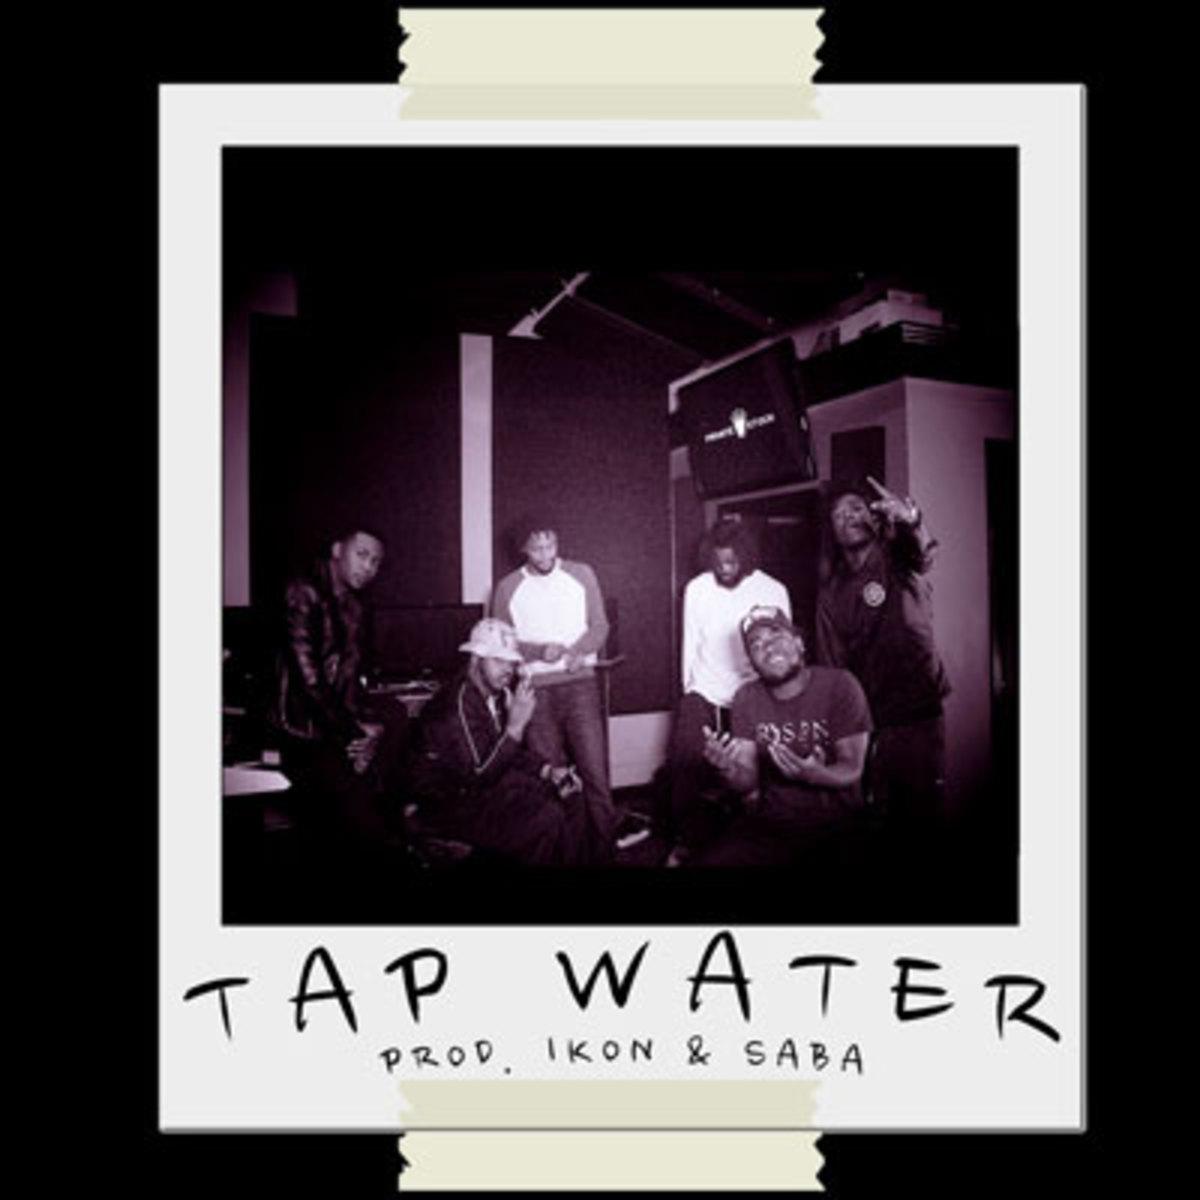 ikon-tapwater.jpg